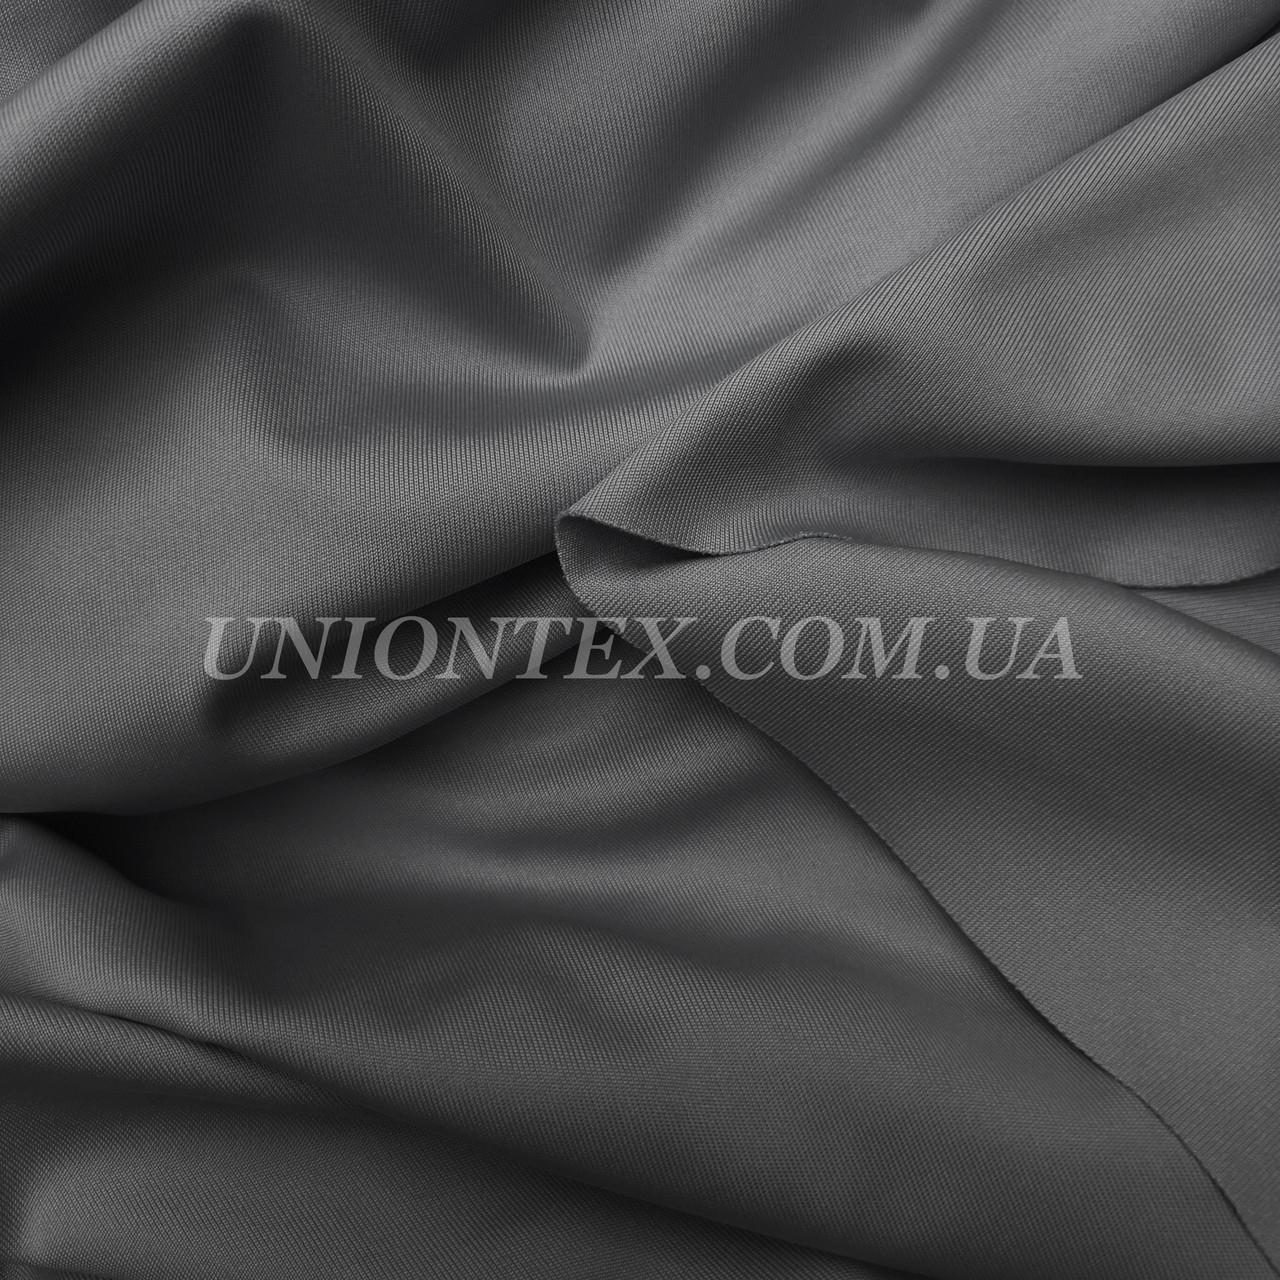 Трикотаж микродайвинг темно-серый